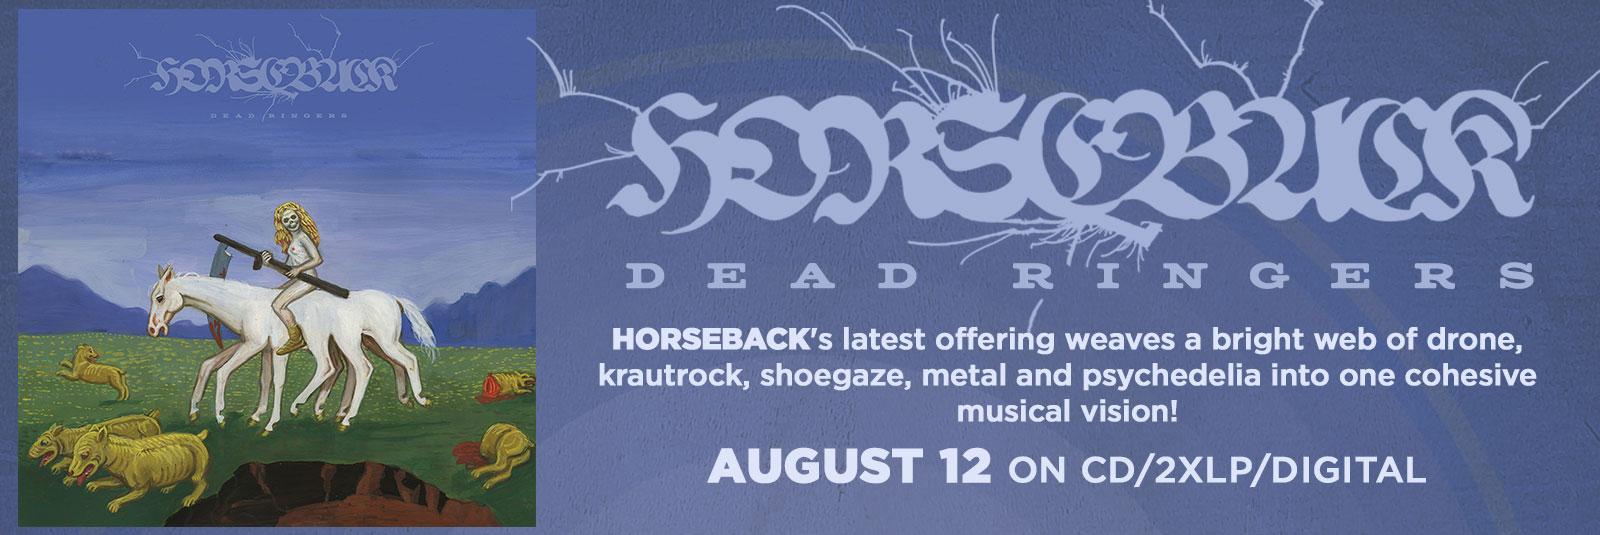 horseback-dead-ringer-lp-cd-merch